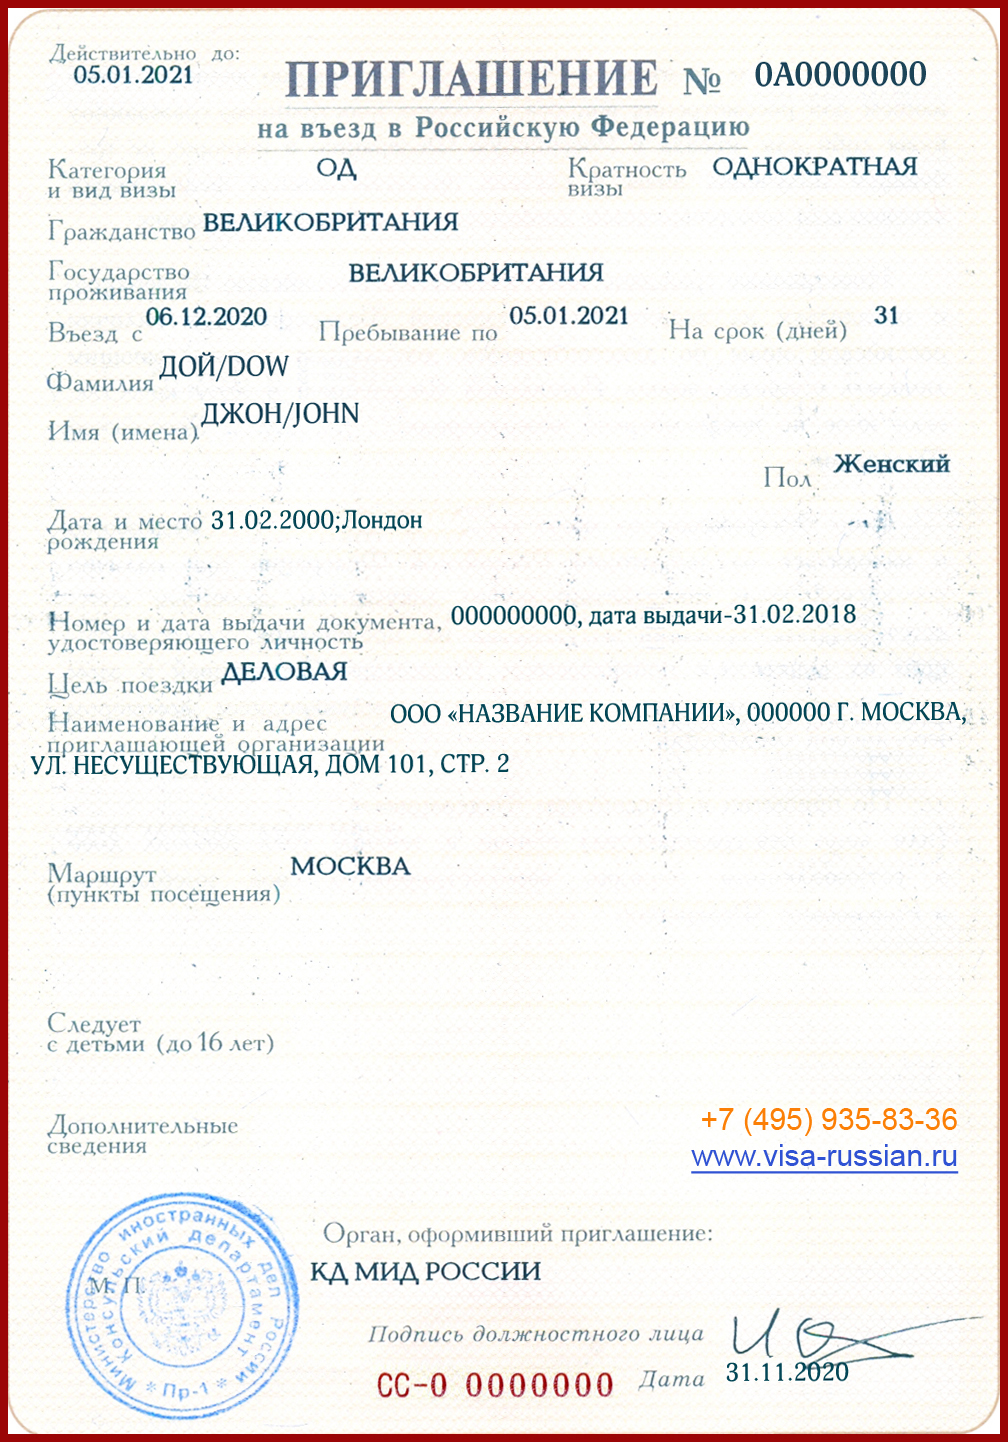 образец приглашения в Россию